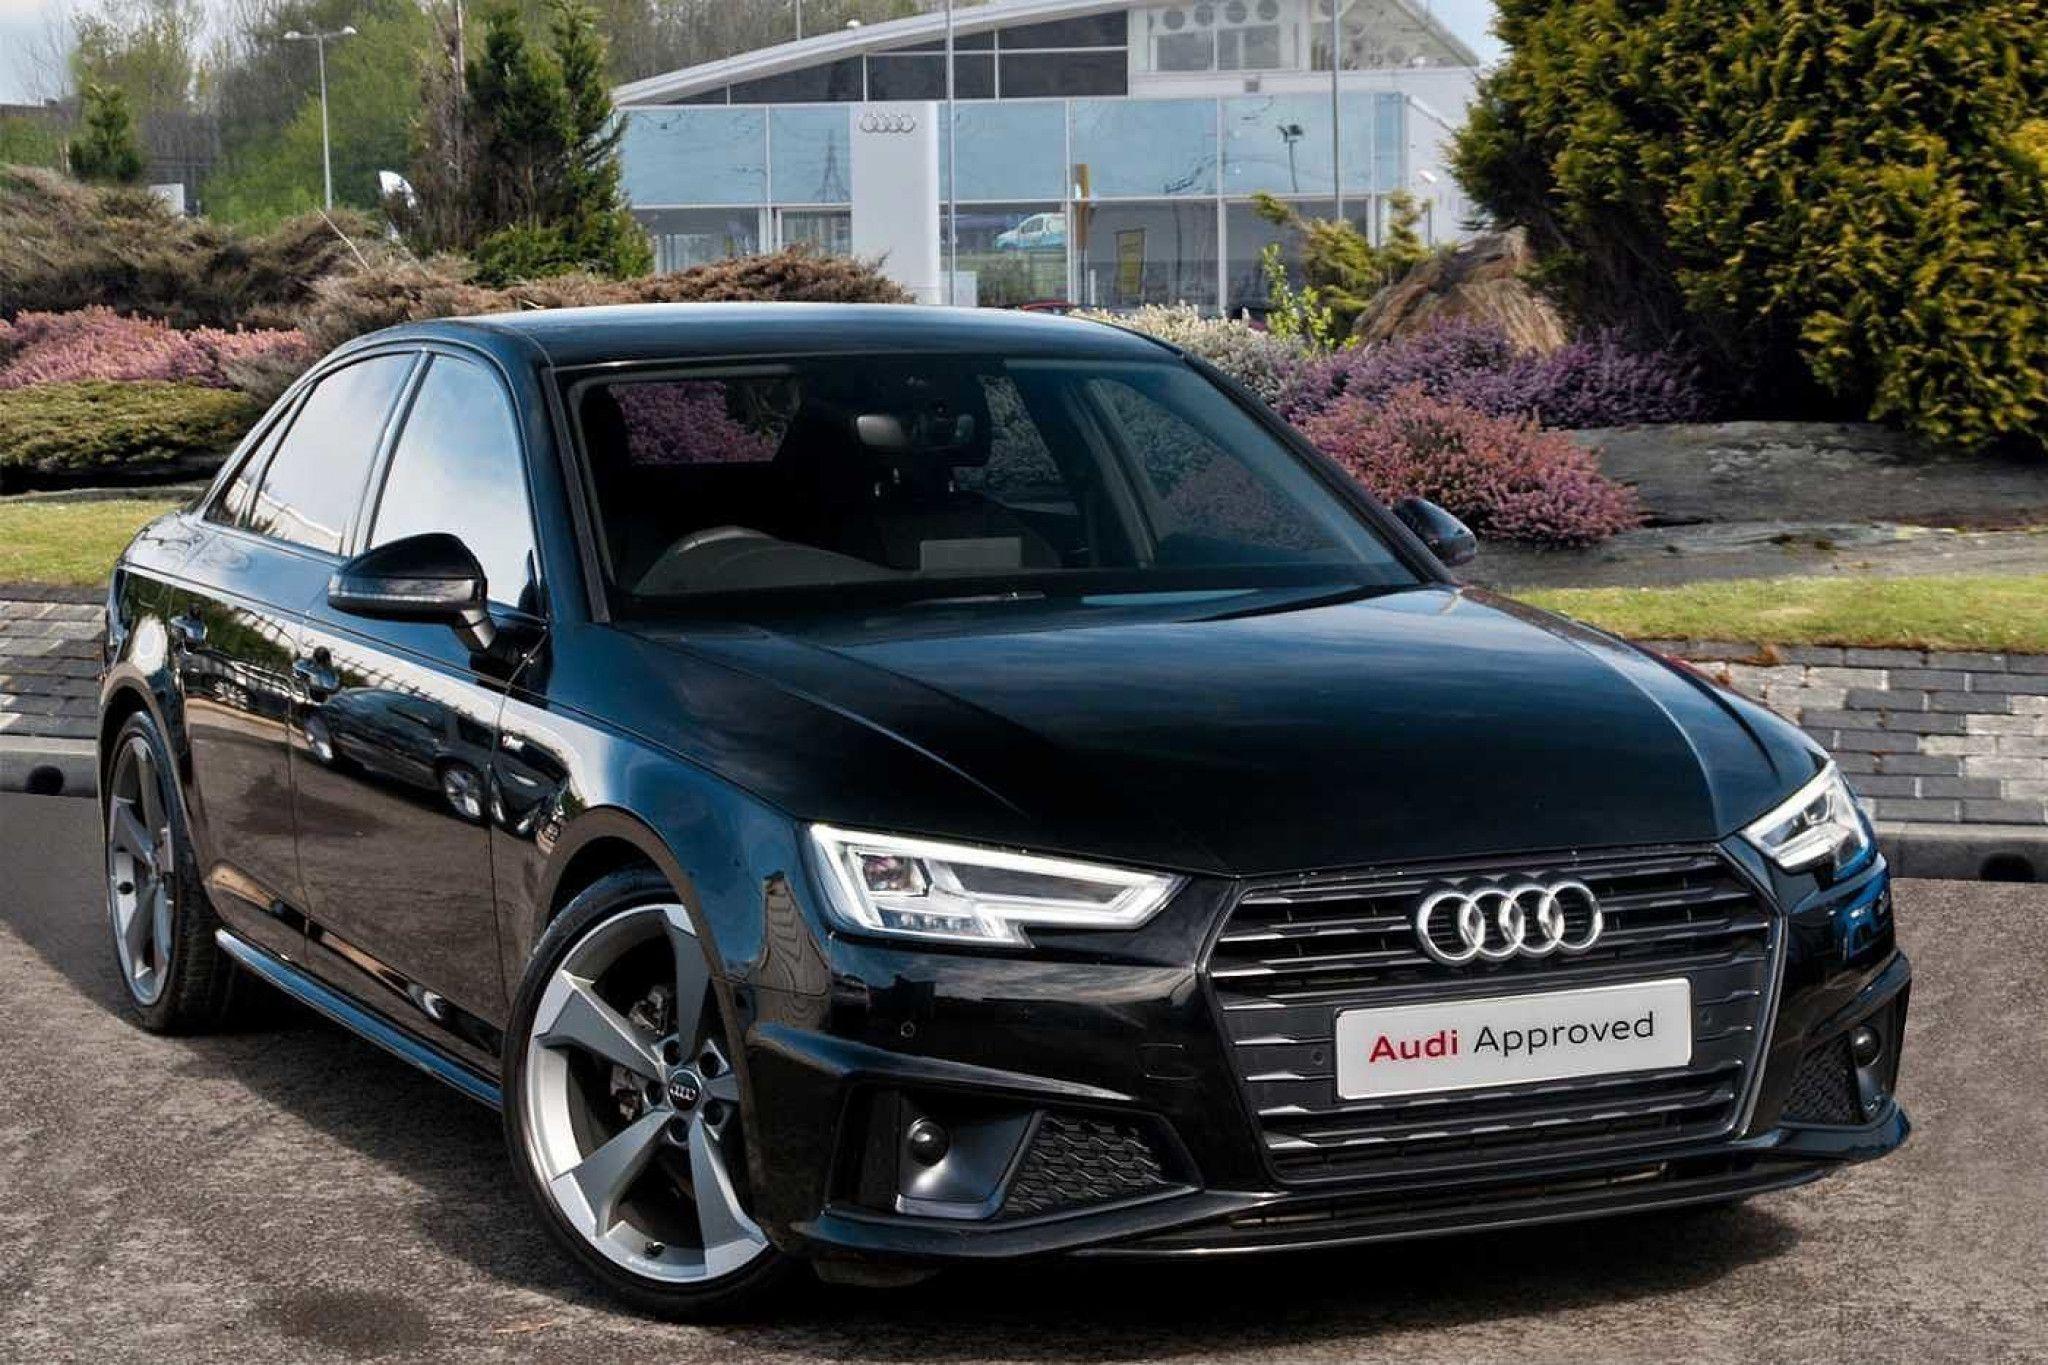 Kelebihan Audi A4 2020 Spesifikasi